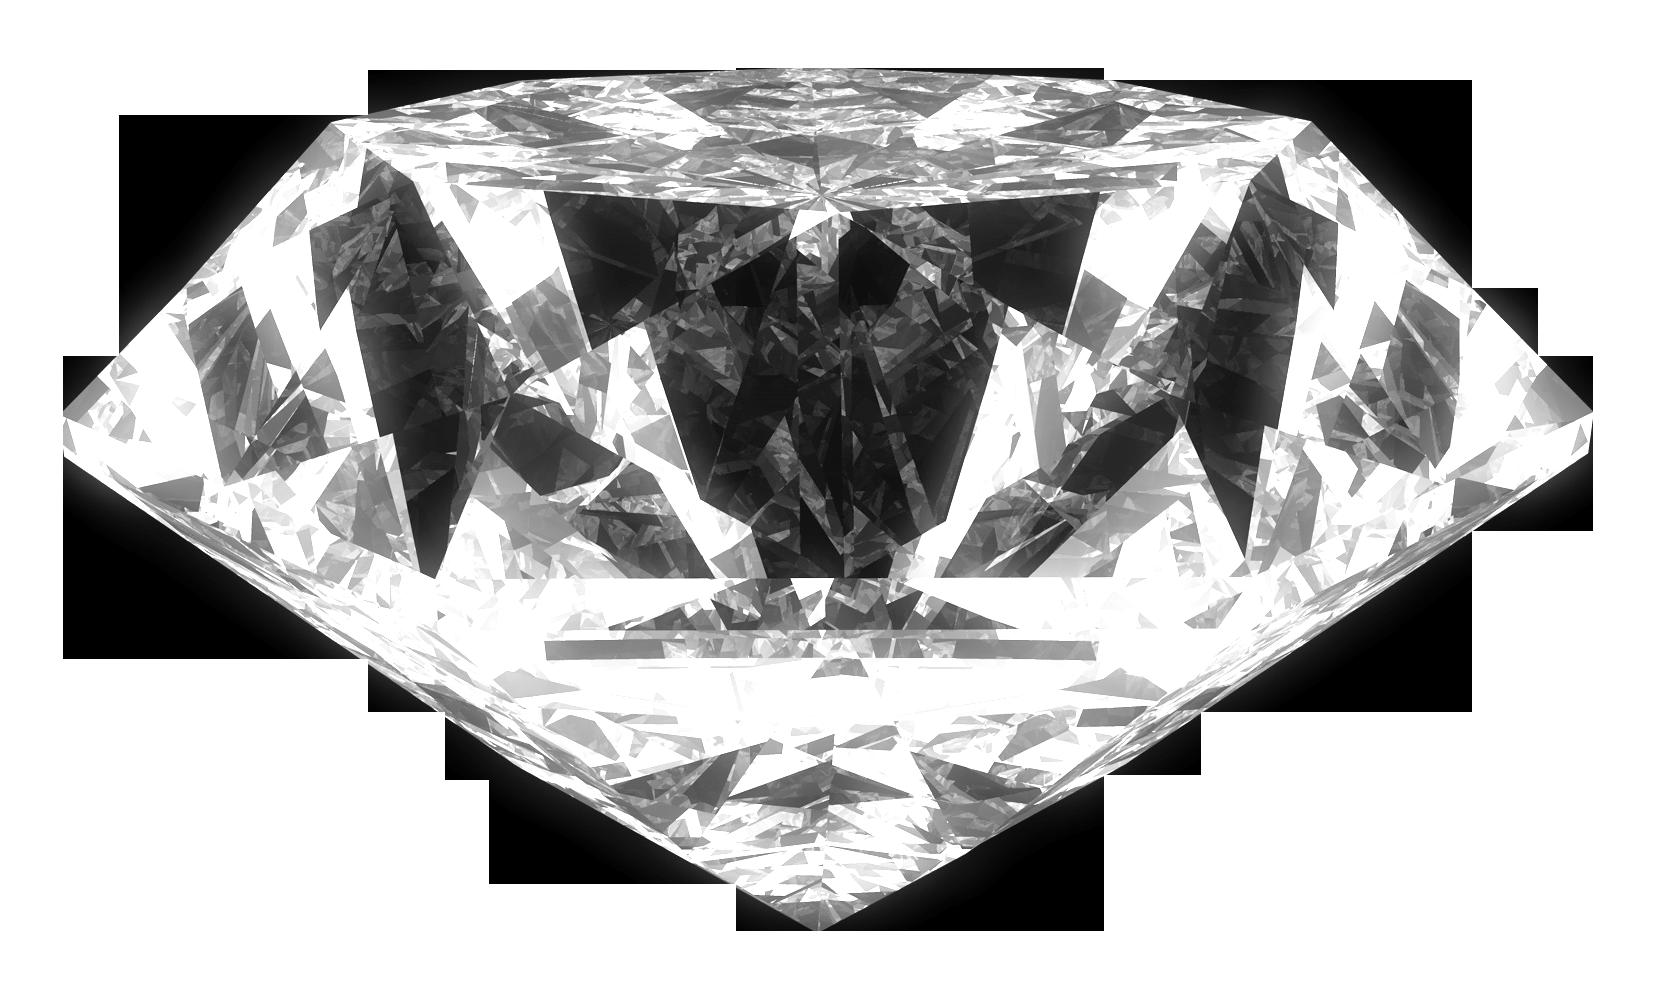 Diamond Png Image Diamond Png Images Image